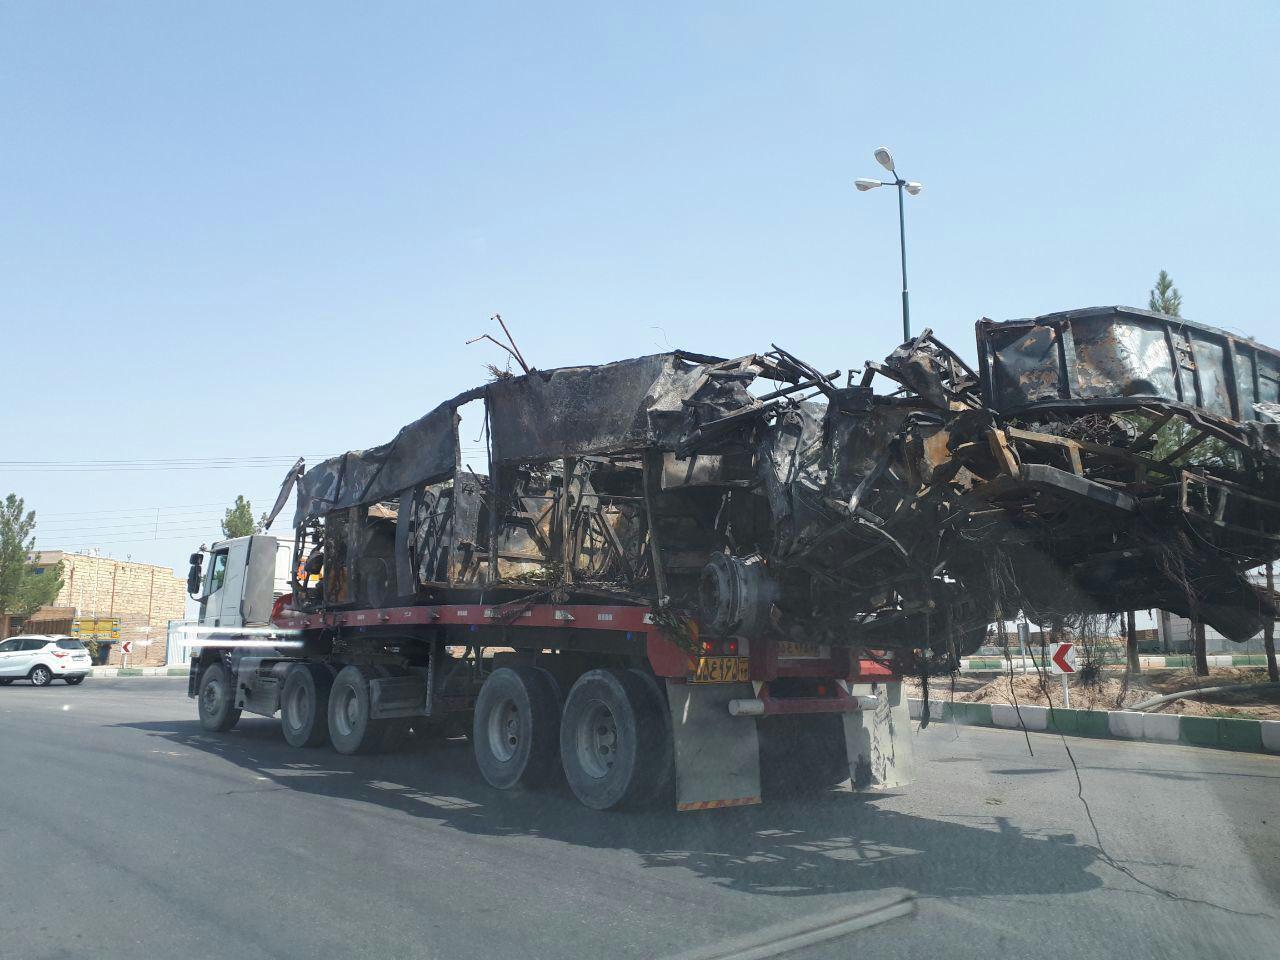 تصادف مرگبار تانکر سوخت با اتوبوس در نطنز ۱۹ کشته و ۲۷ مصدوم بر جای گذاشت + تصاویر و اسامی مجروحان